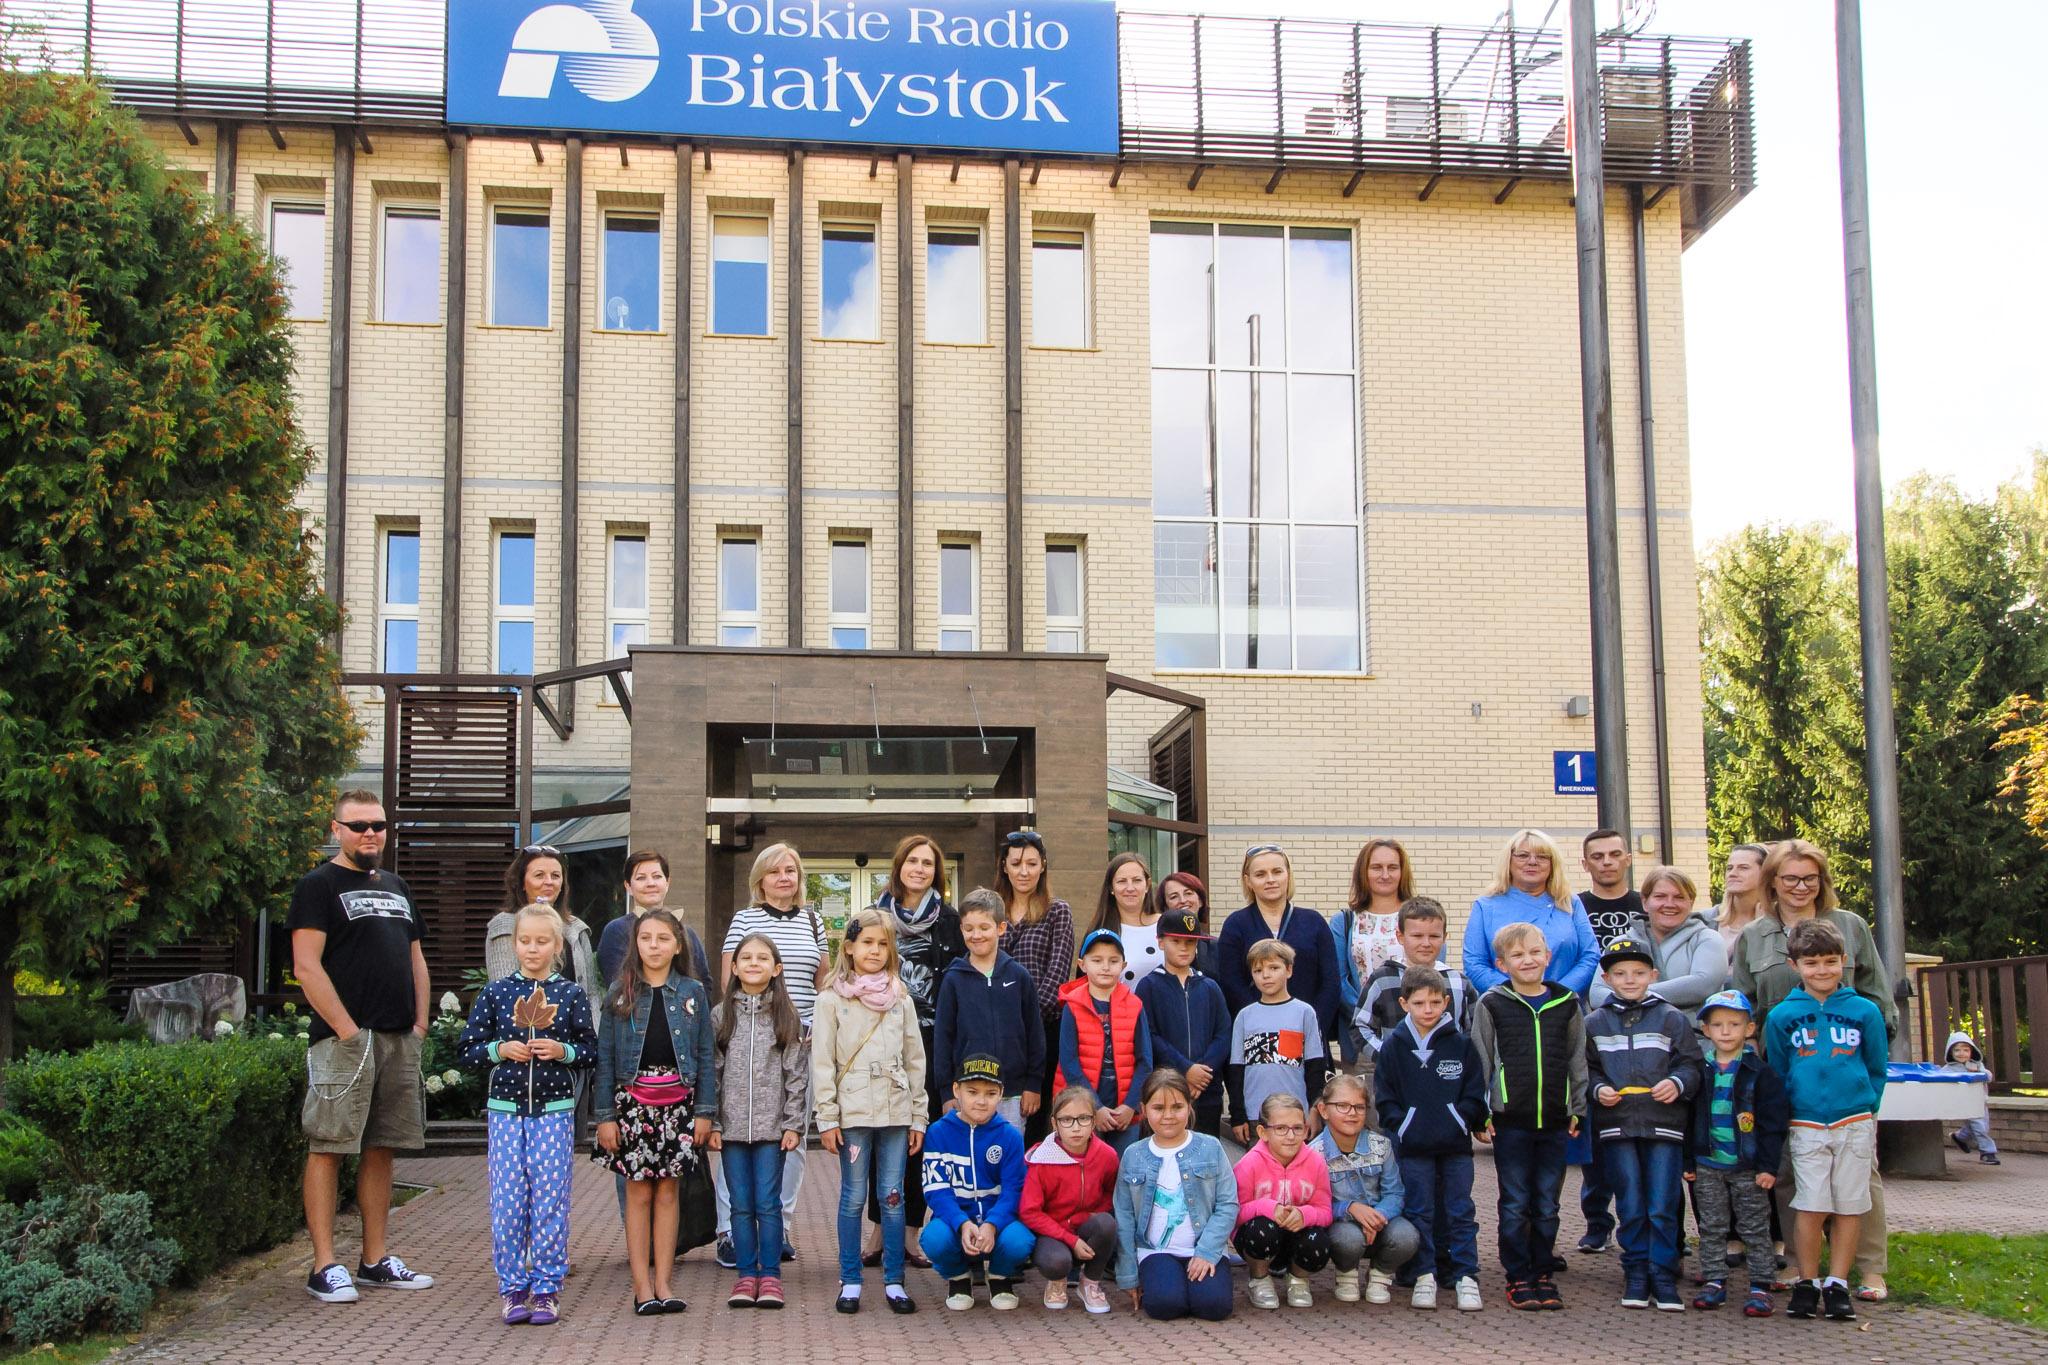 2018-09-16_Wizyta_w_Radiu_Bialystok_02_Fot_Justyna_Jarocka